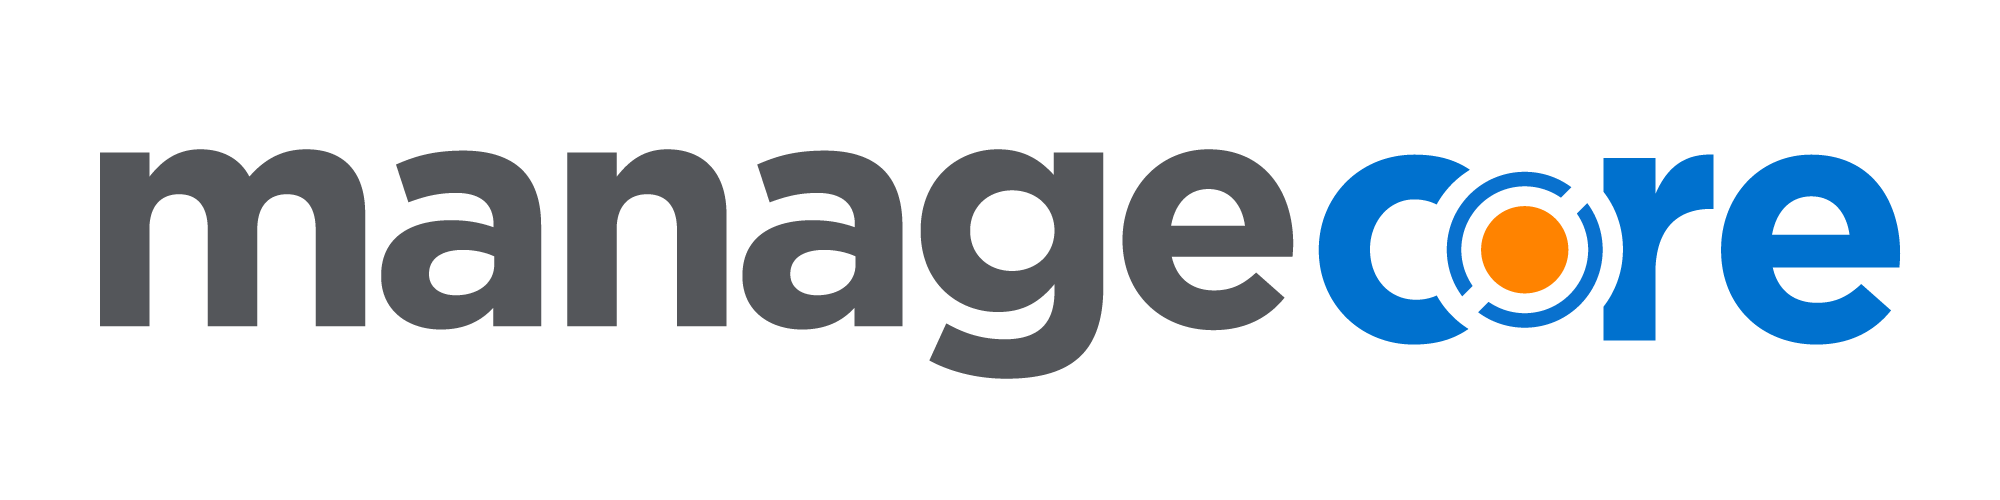 Managecore, LLC. Logo